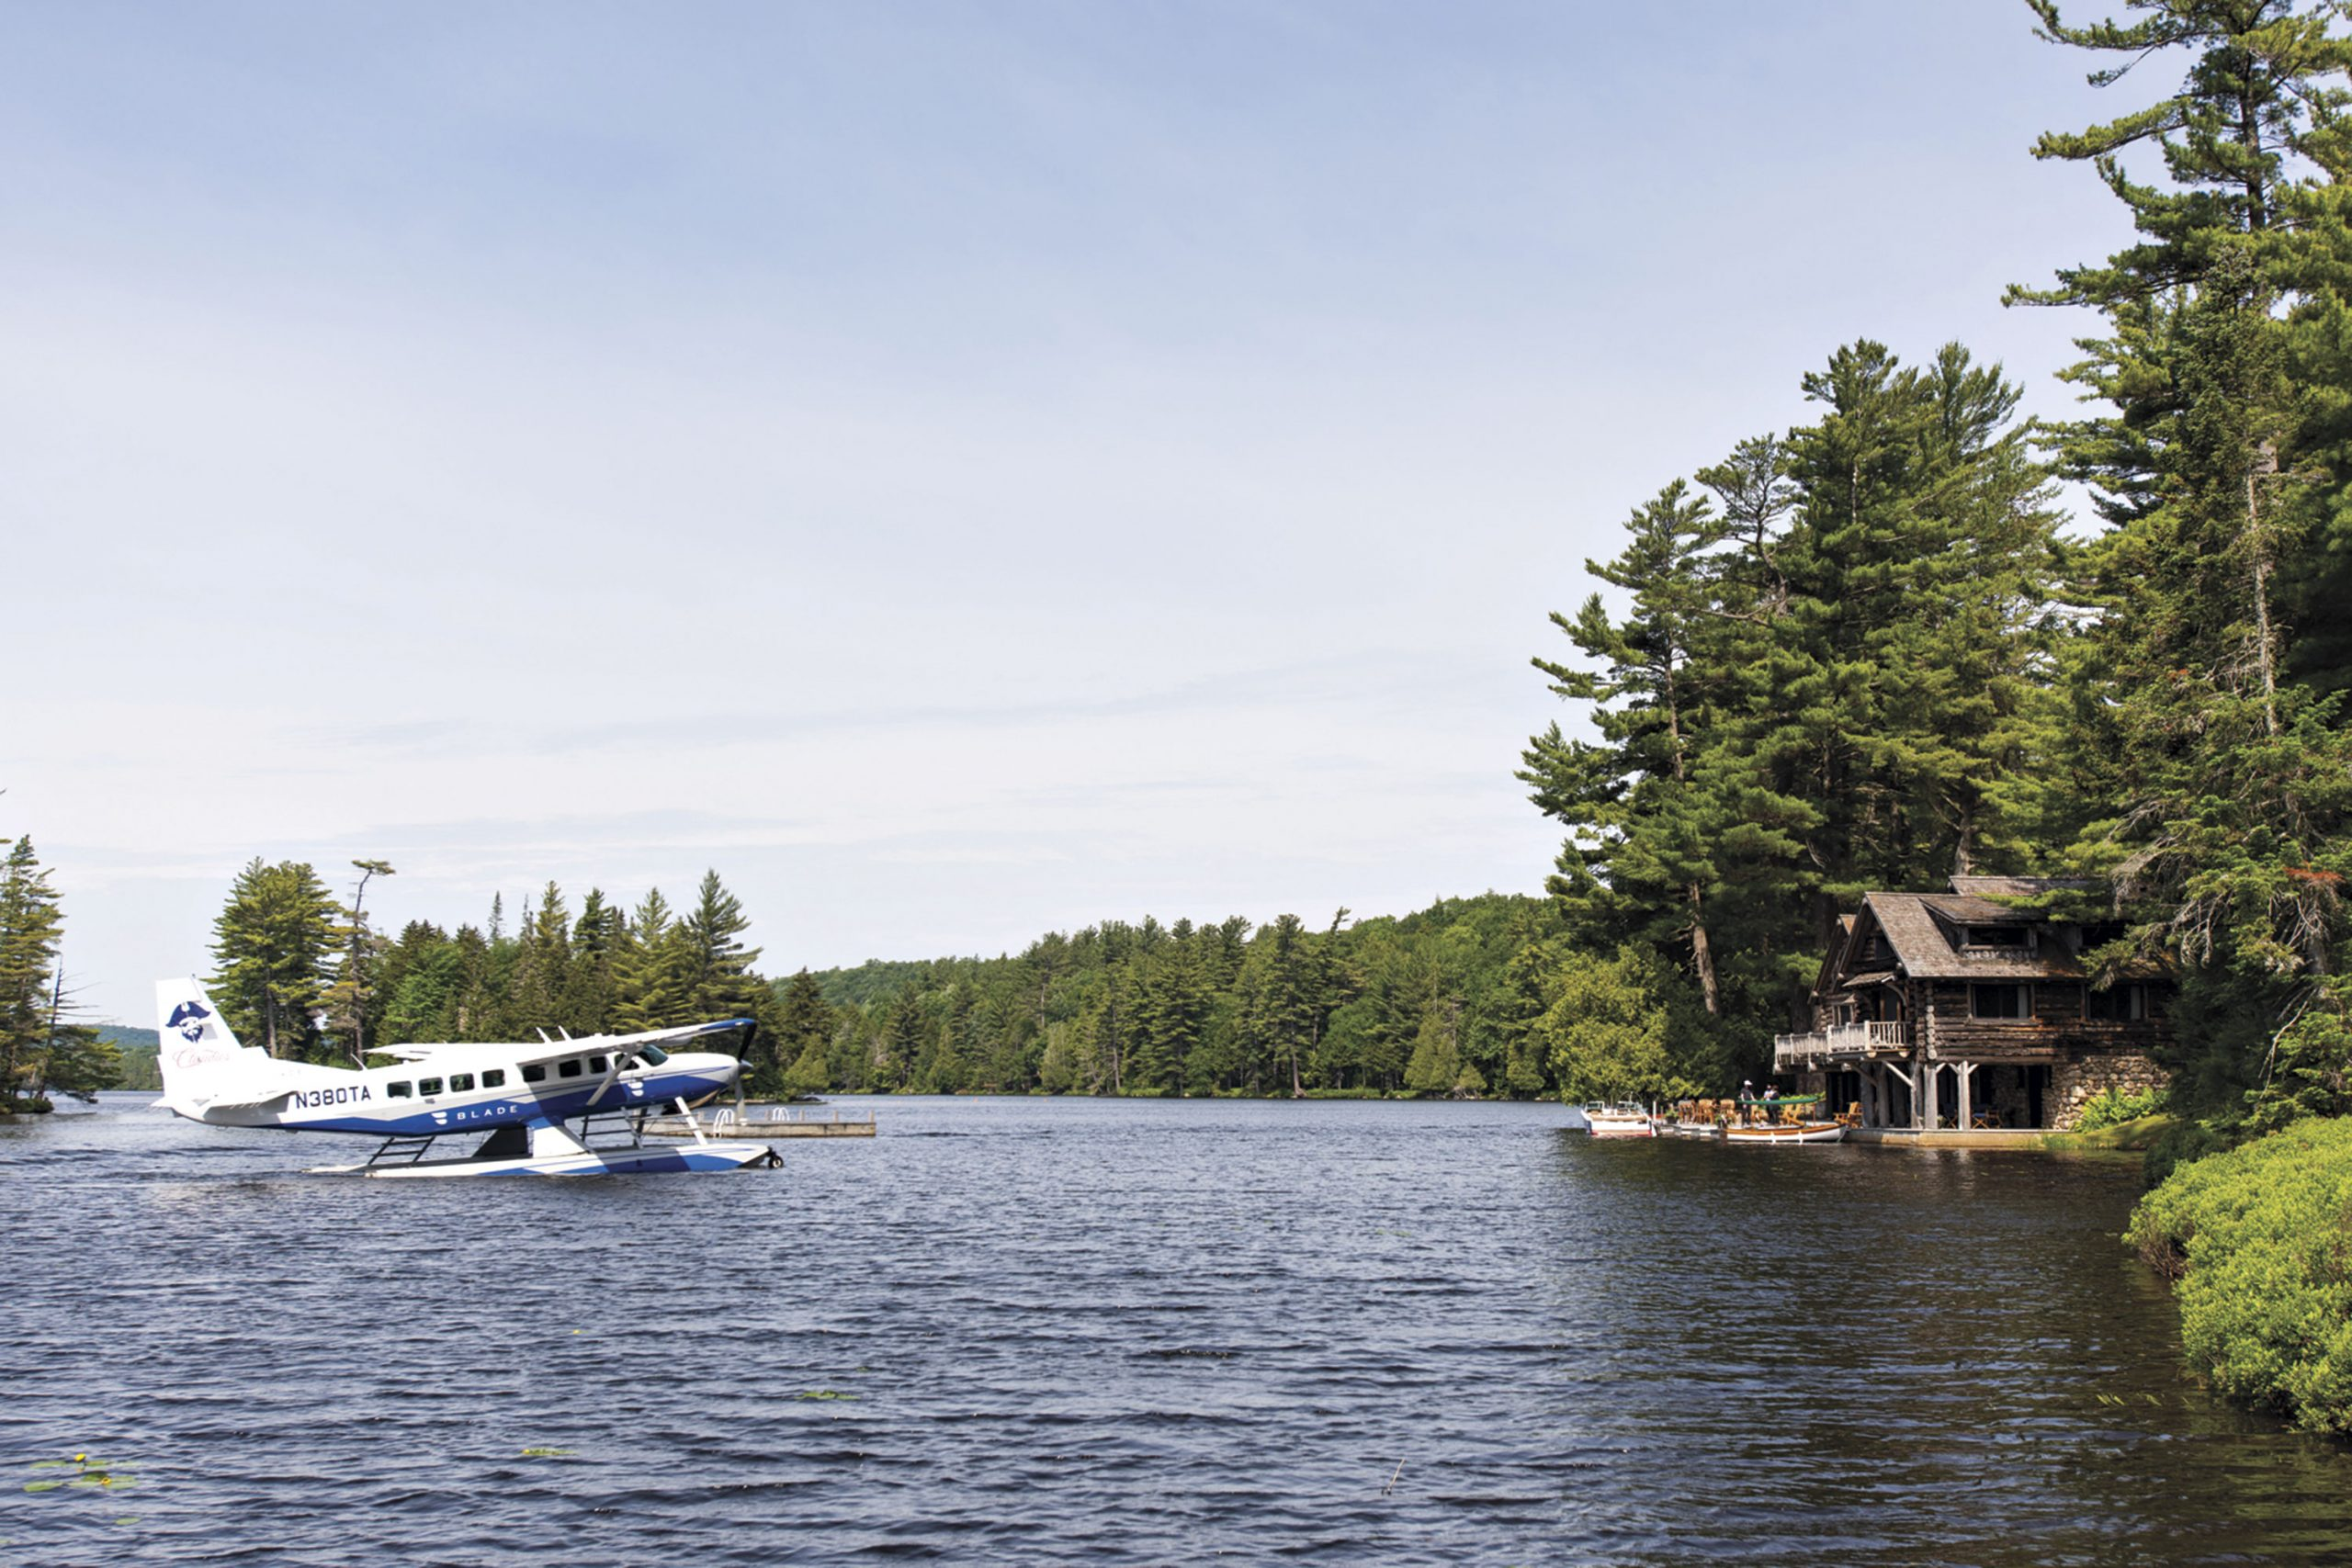 Seaplane arrival; Photo courtesy Lake Kora